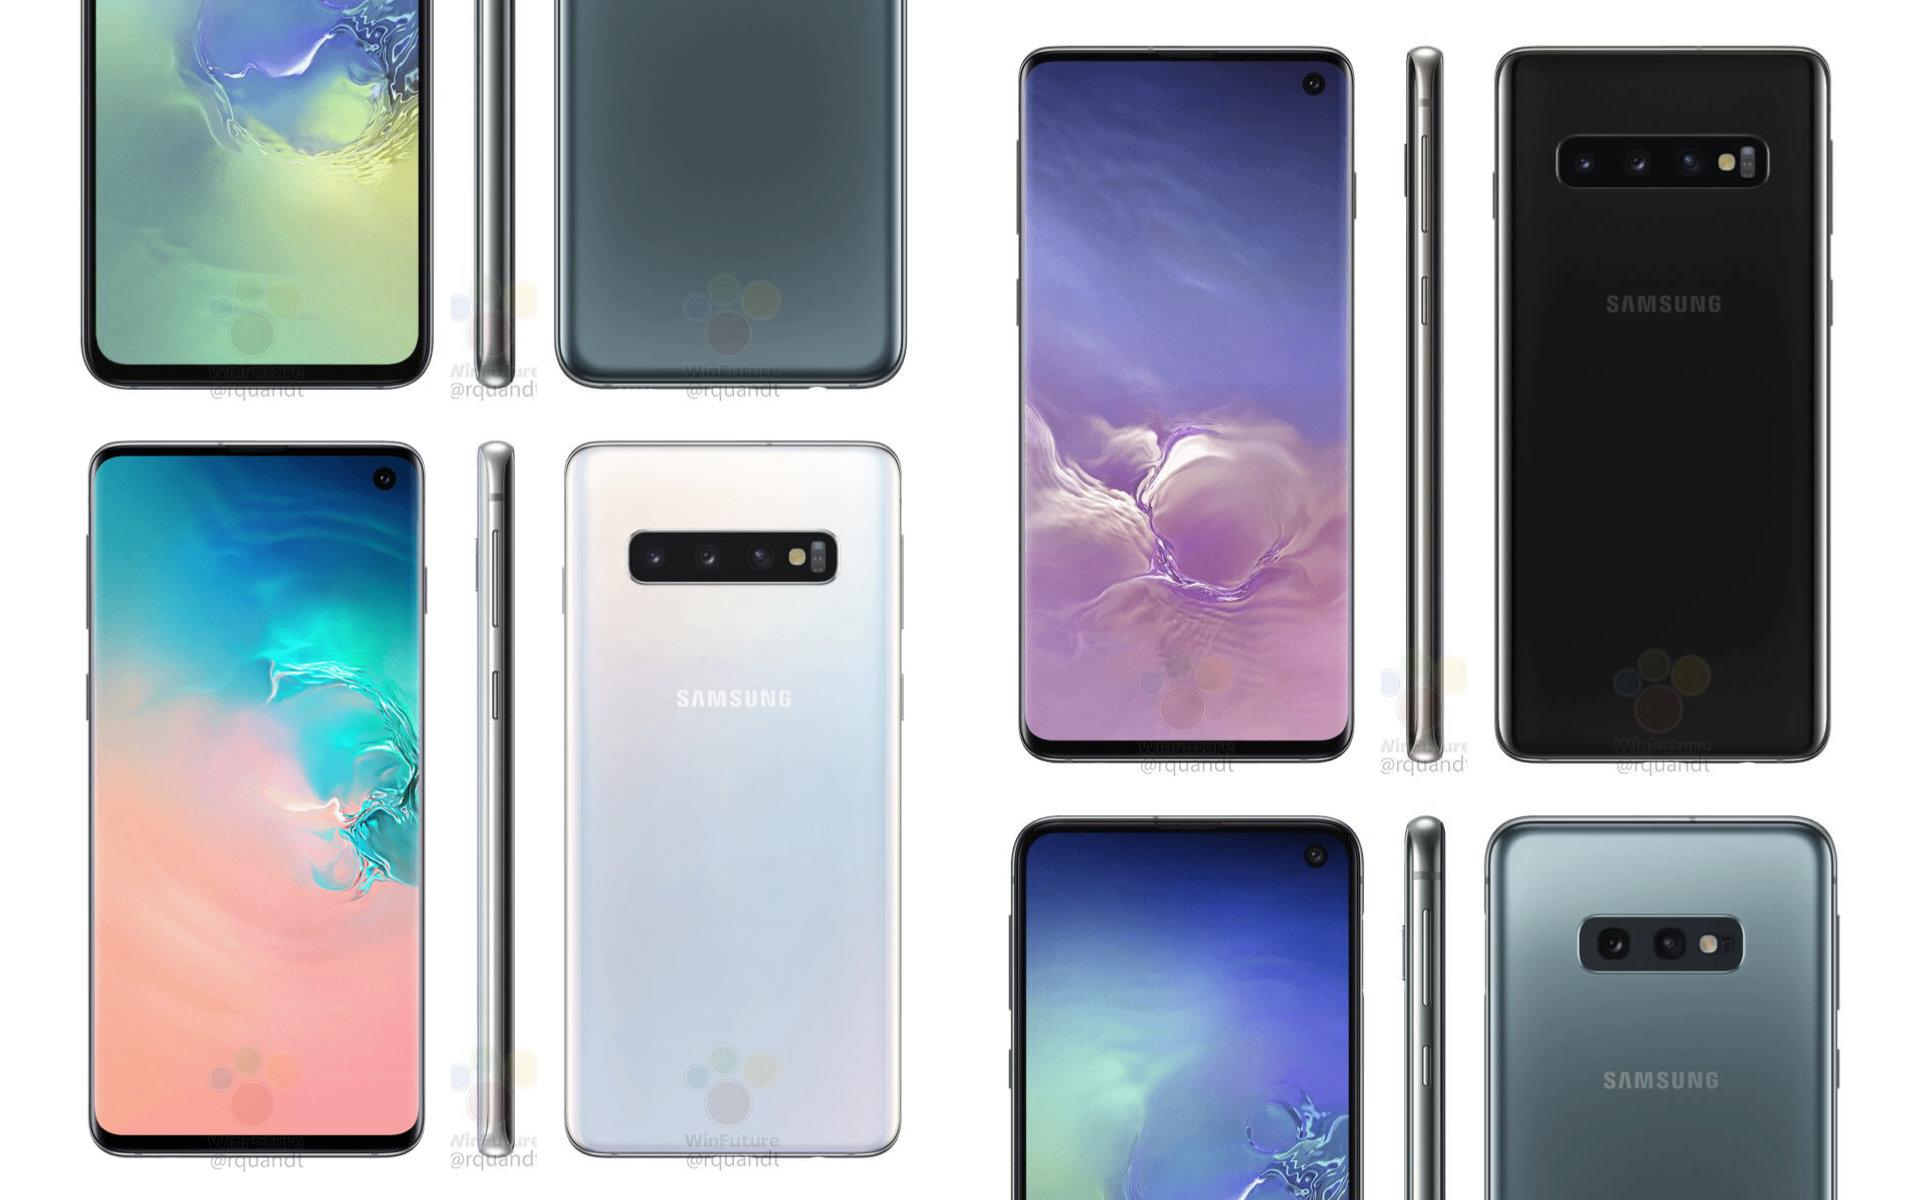 Publicité du Galaxy S10, conférence du Huawei P30 et émulateur Switch sur Android - Tech'spresso